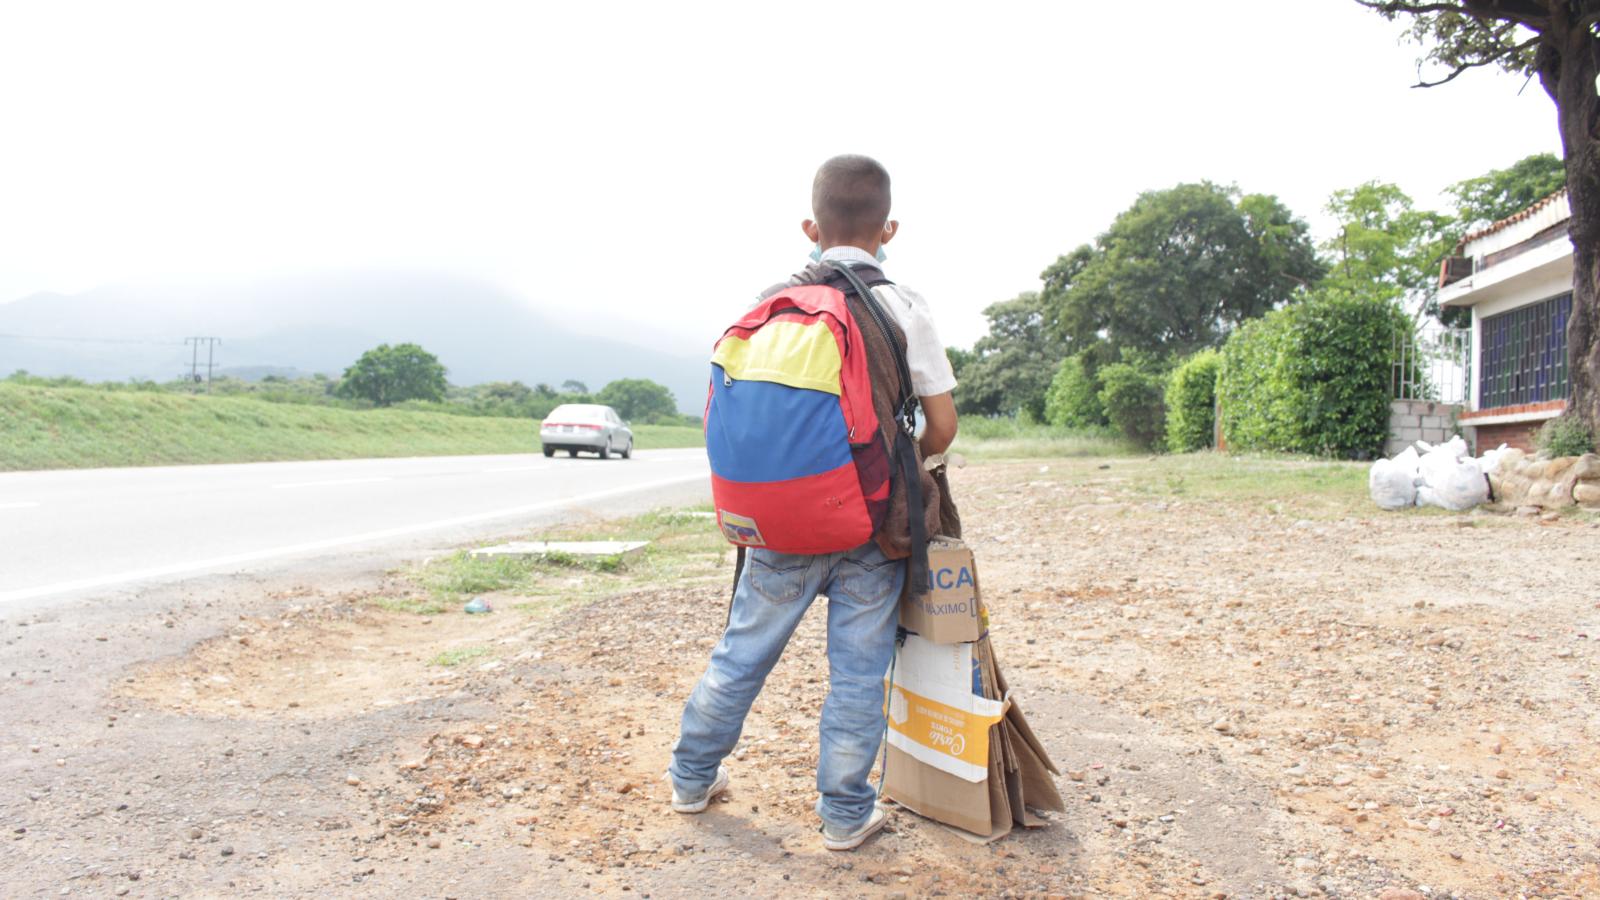 ¿Cómo está Colombia en políticas públicas con enfoque de niñez migrante?